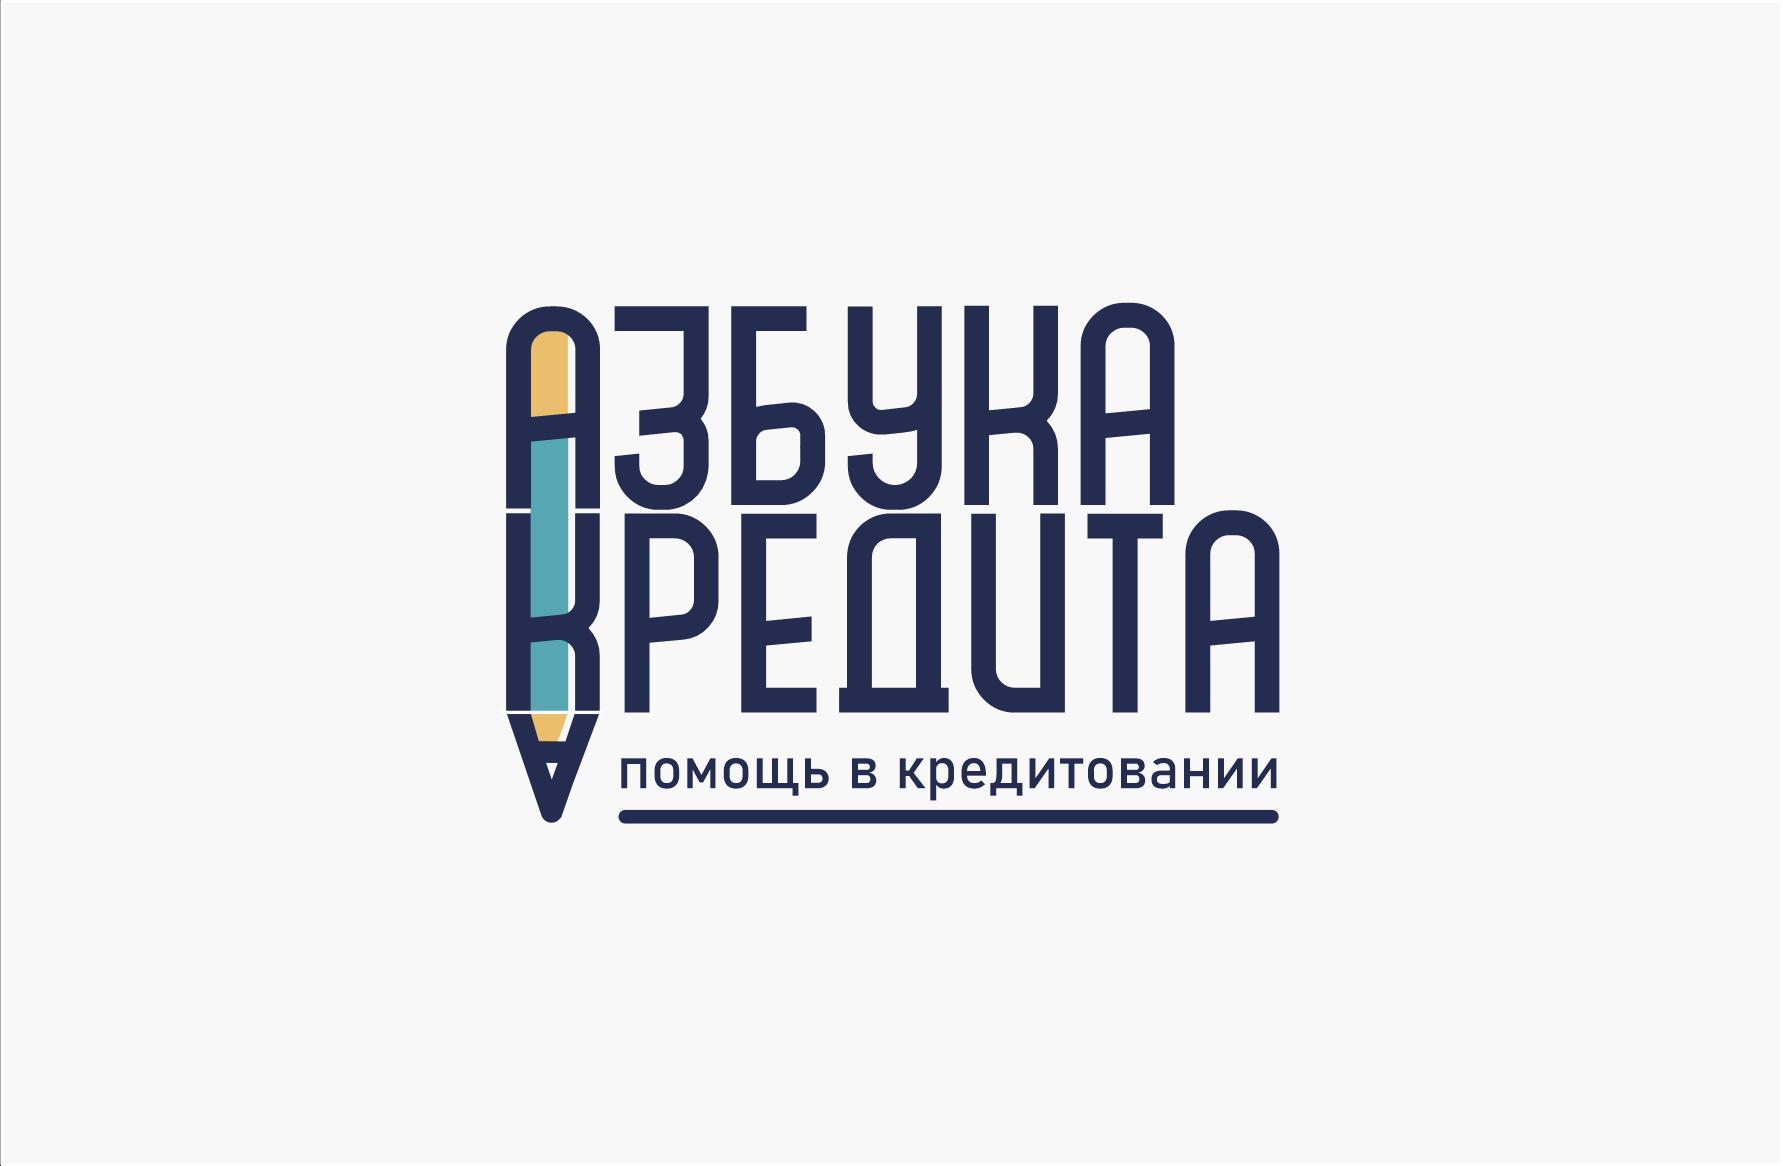 Разработать логотип для финансовой компании фото f_6745de768c444000.png